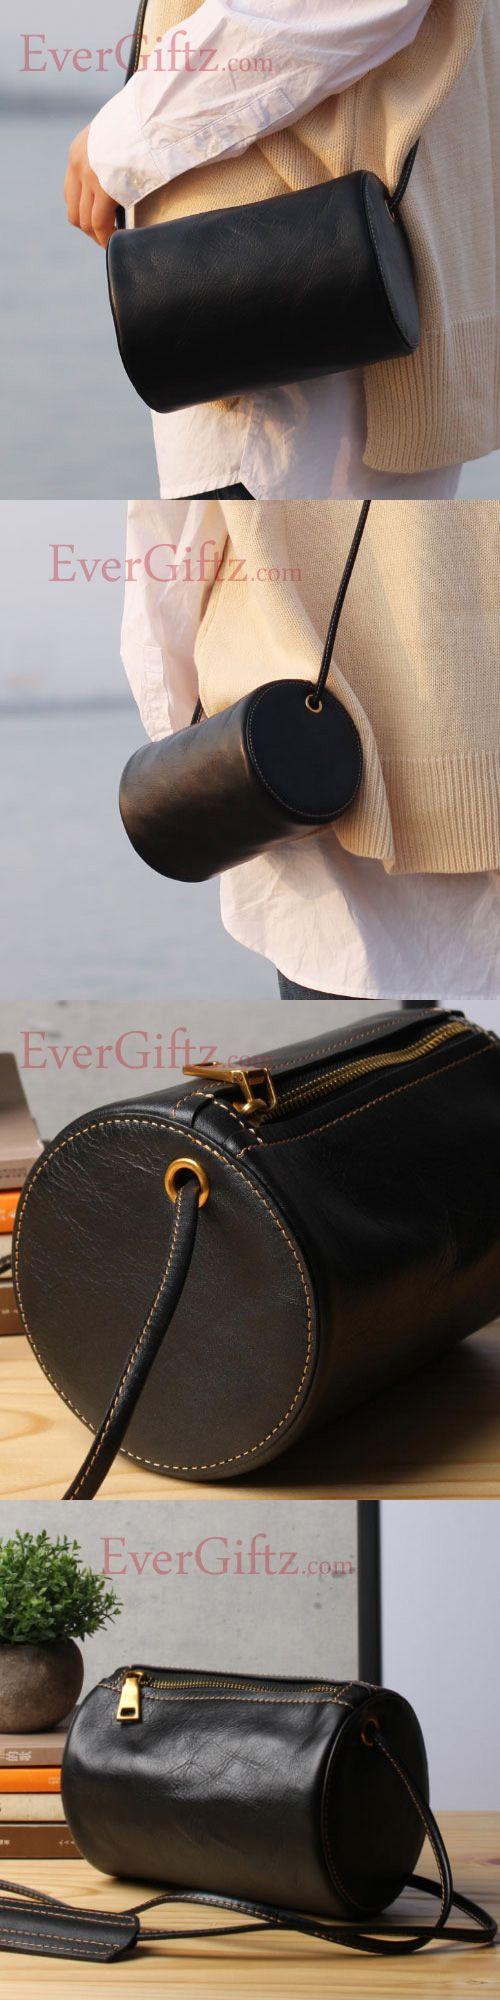 Genuine leather vintage women handbag shoulder bag crossbody bag